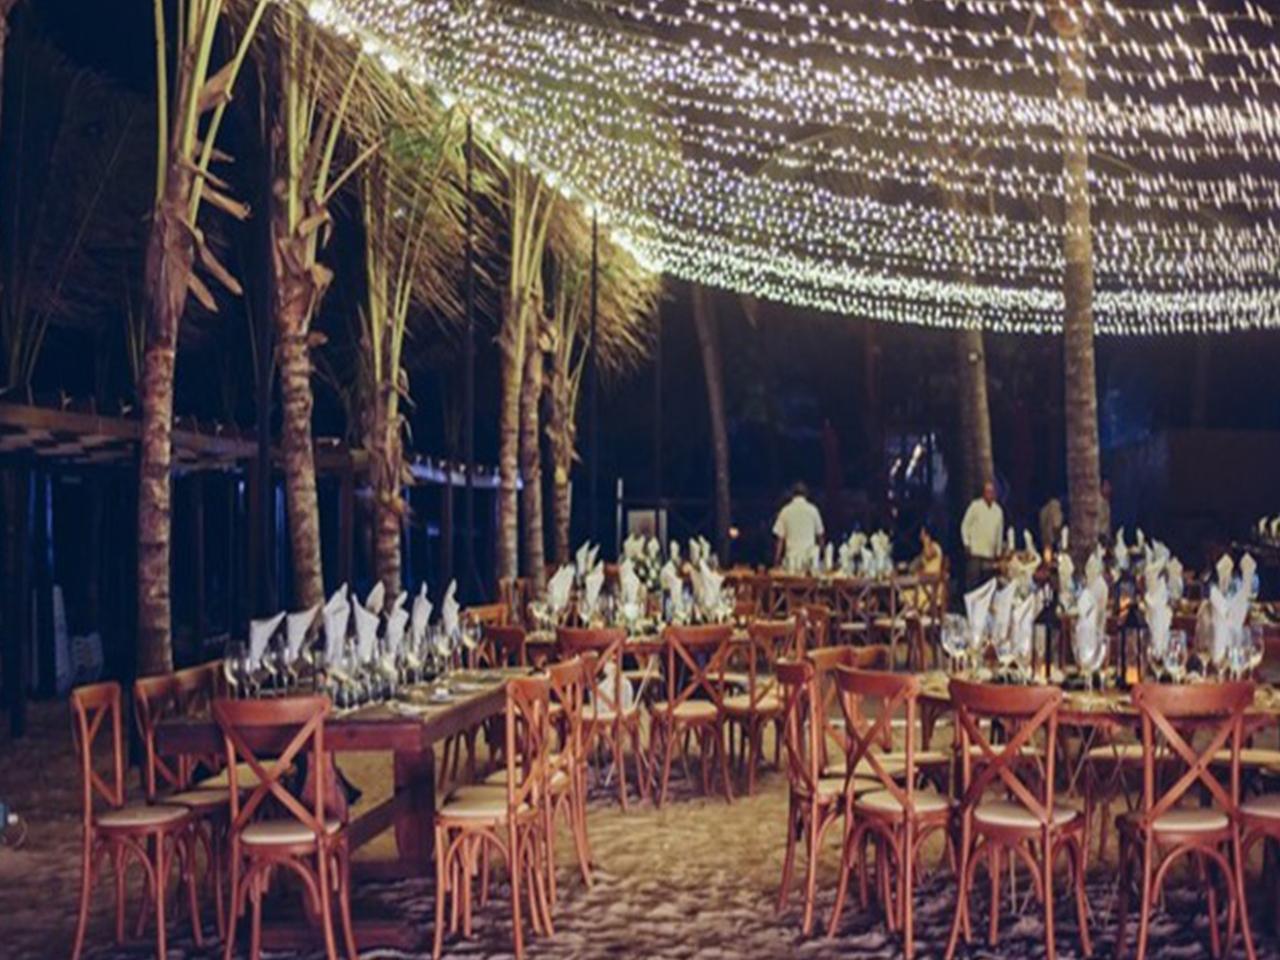 Bodas en la playa - hotel de noche